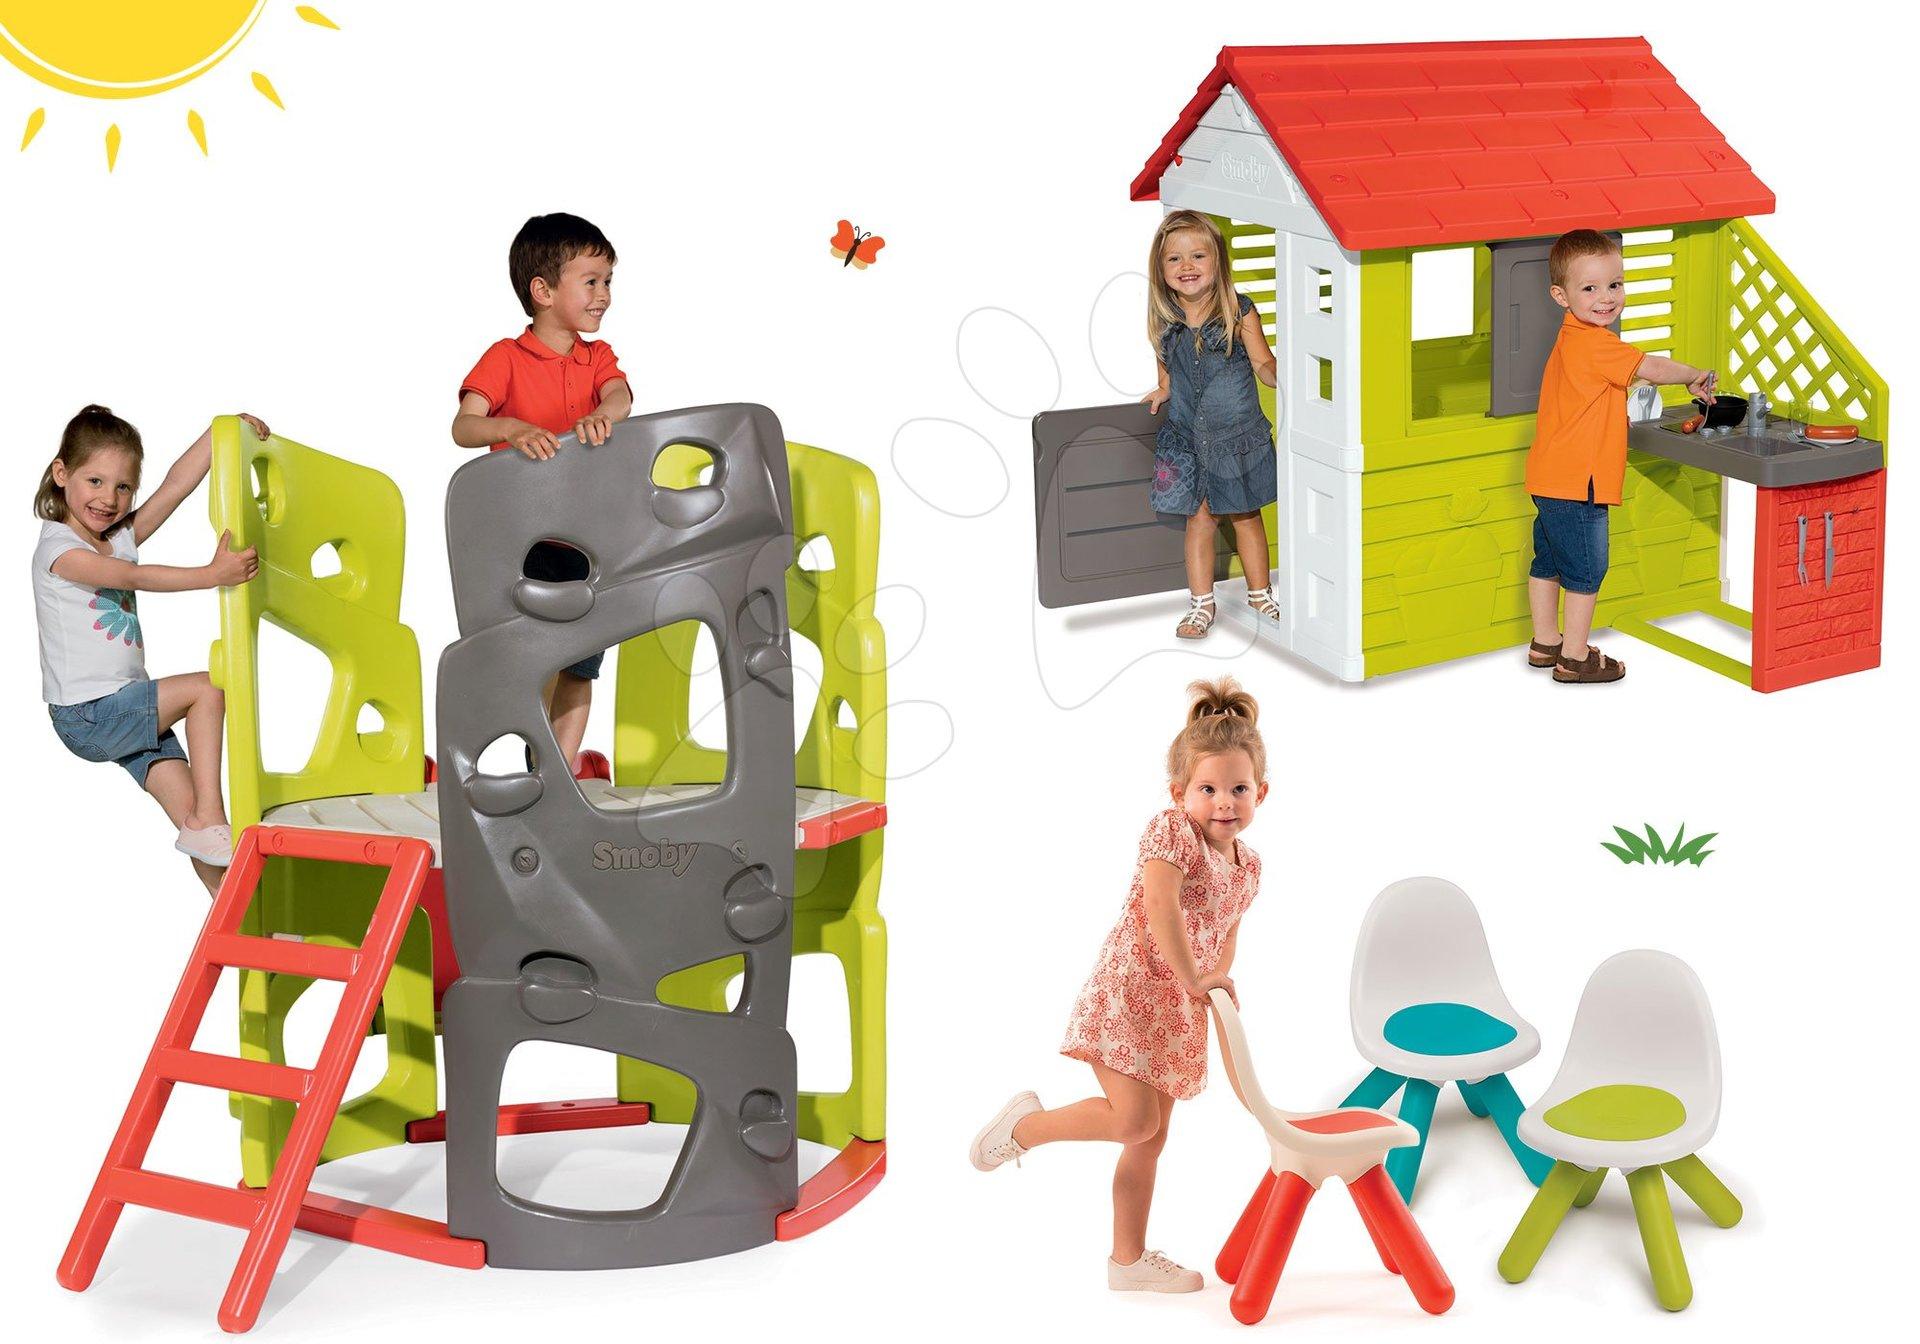 Smoby set prolézačka Multi-Activity Tower na šplhání se skluzavkou a domeček Pretty Nature s kuchyňkou s 3 židlemi 840201-5